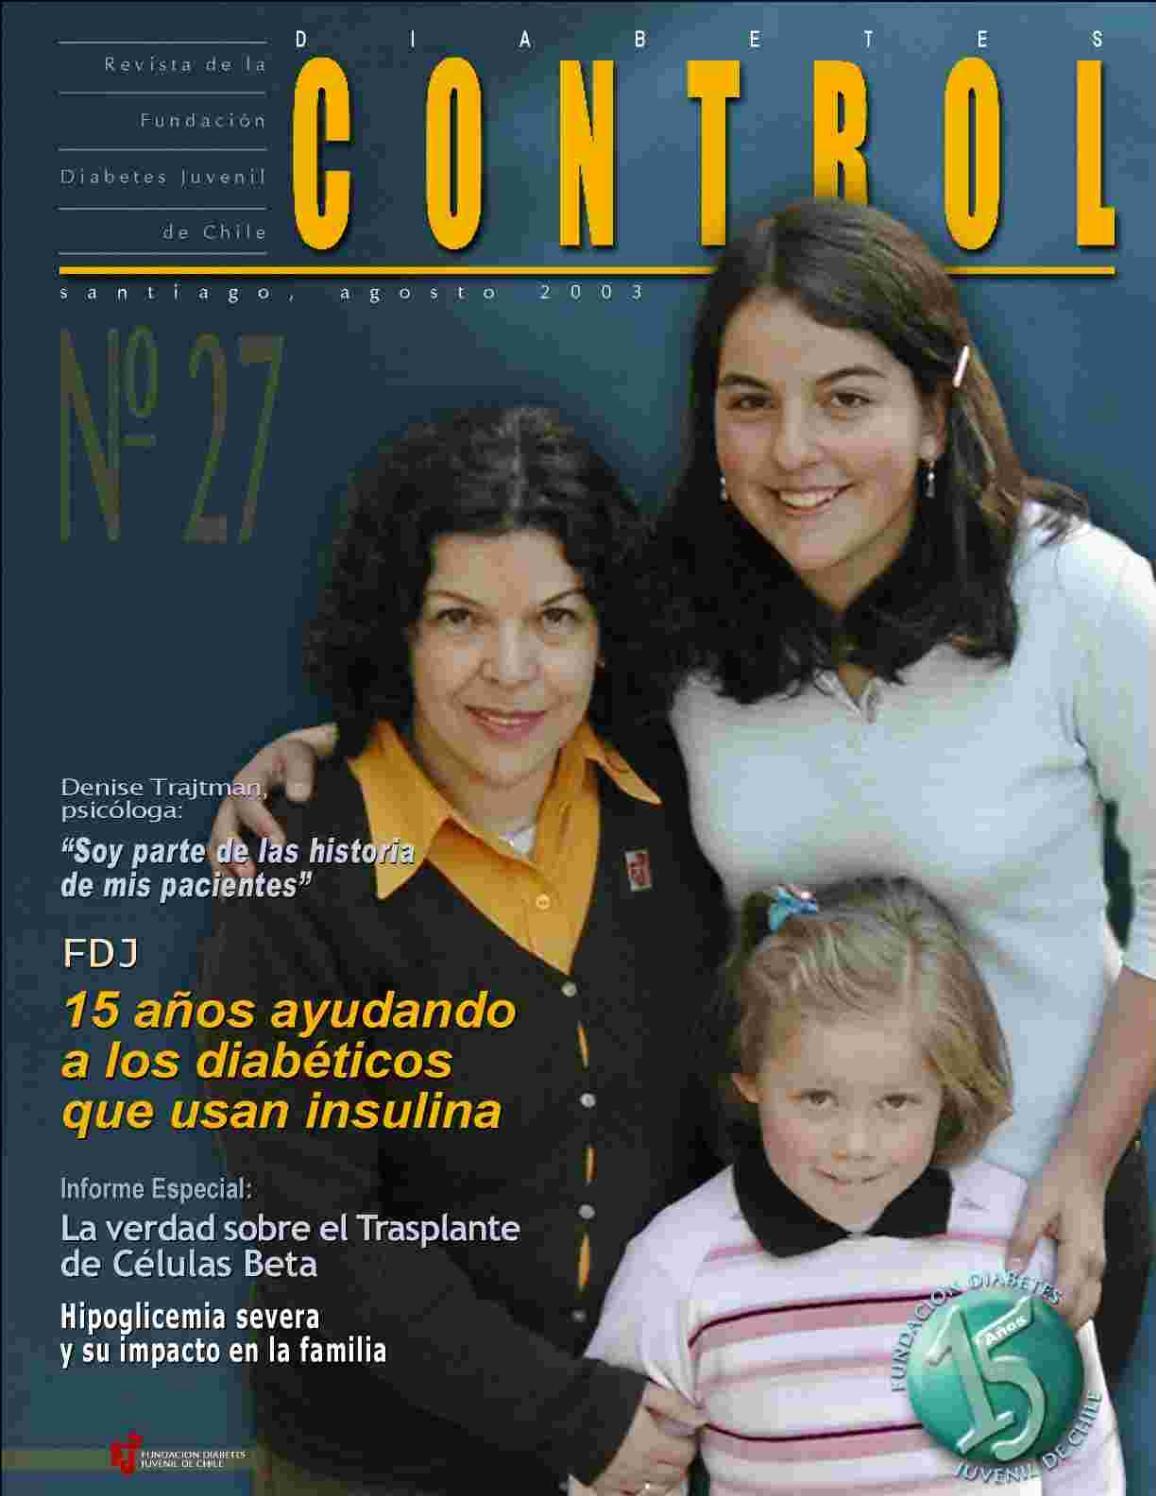 artículos de noticias sobre diabetes juvenil